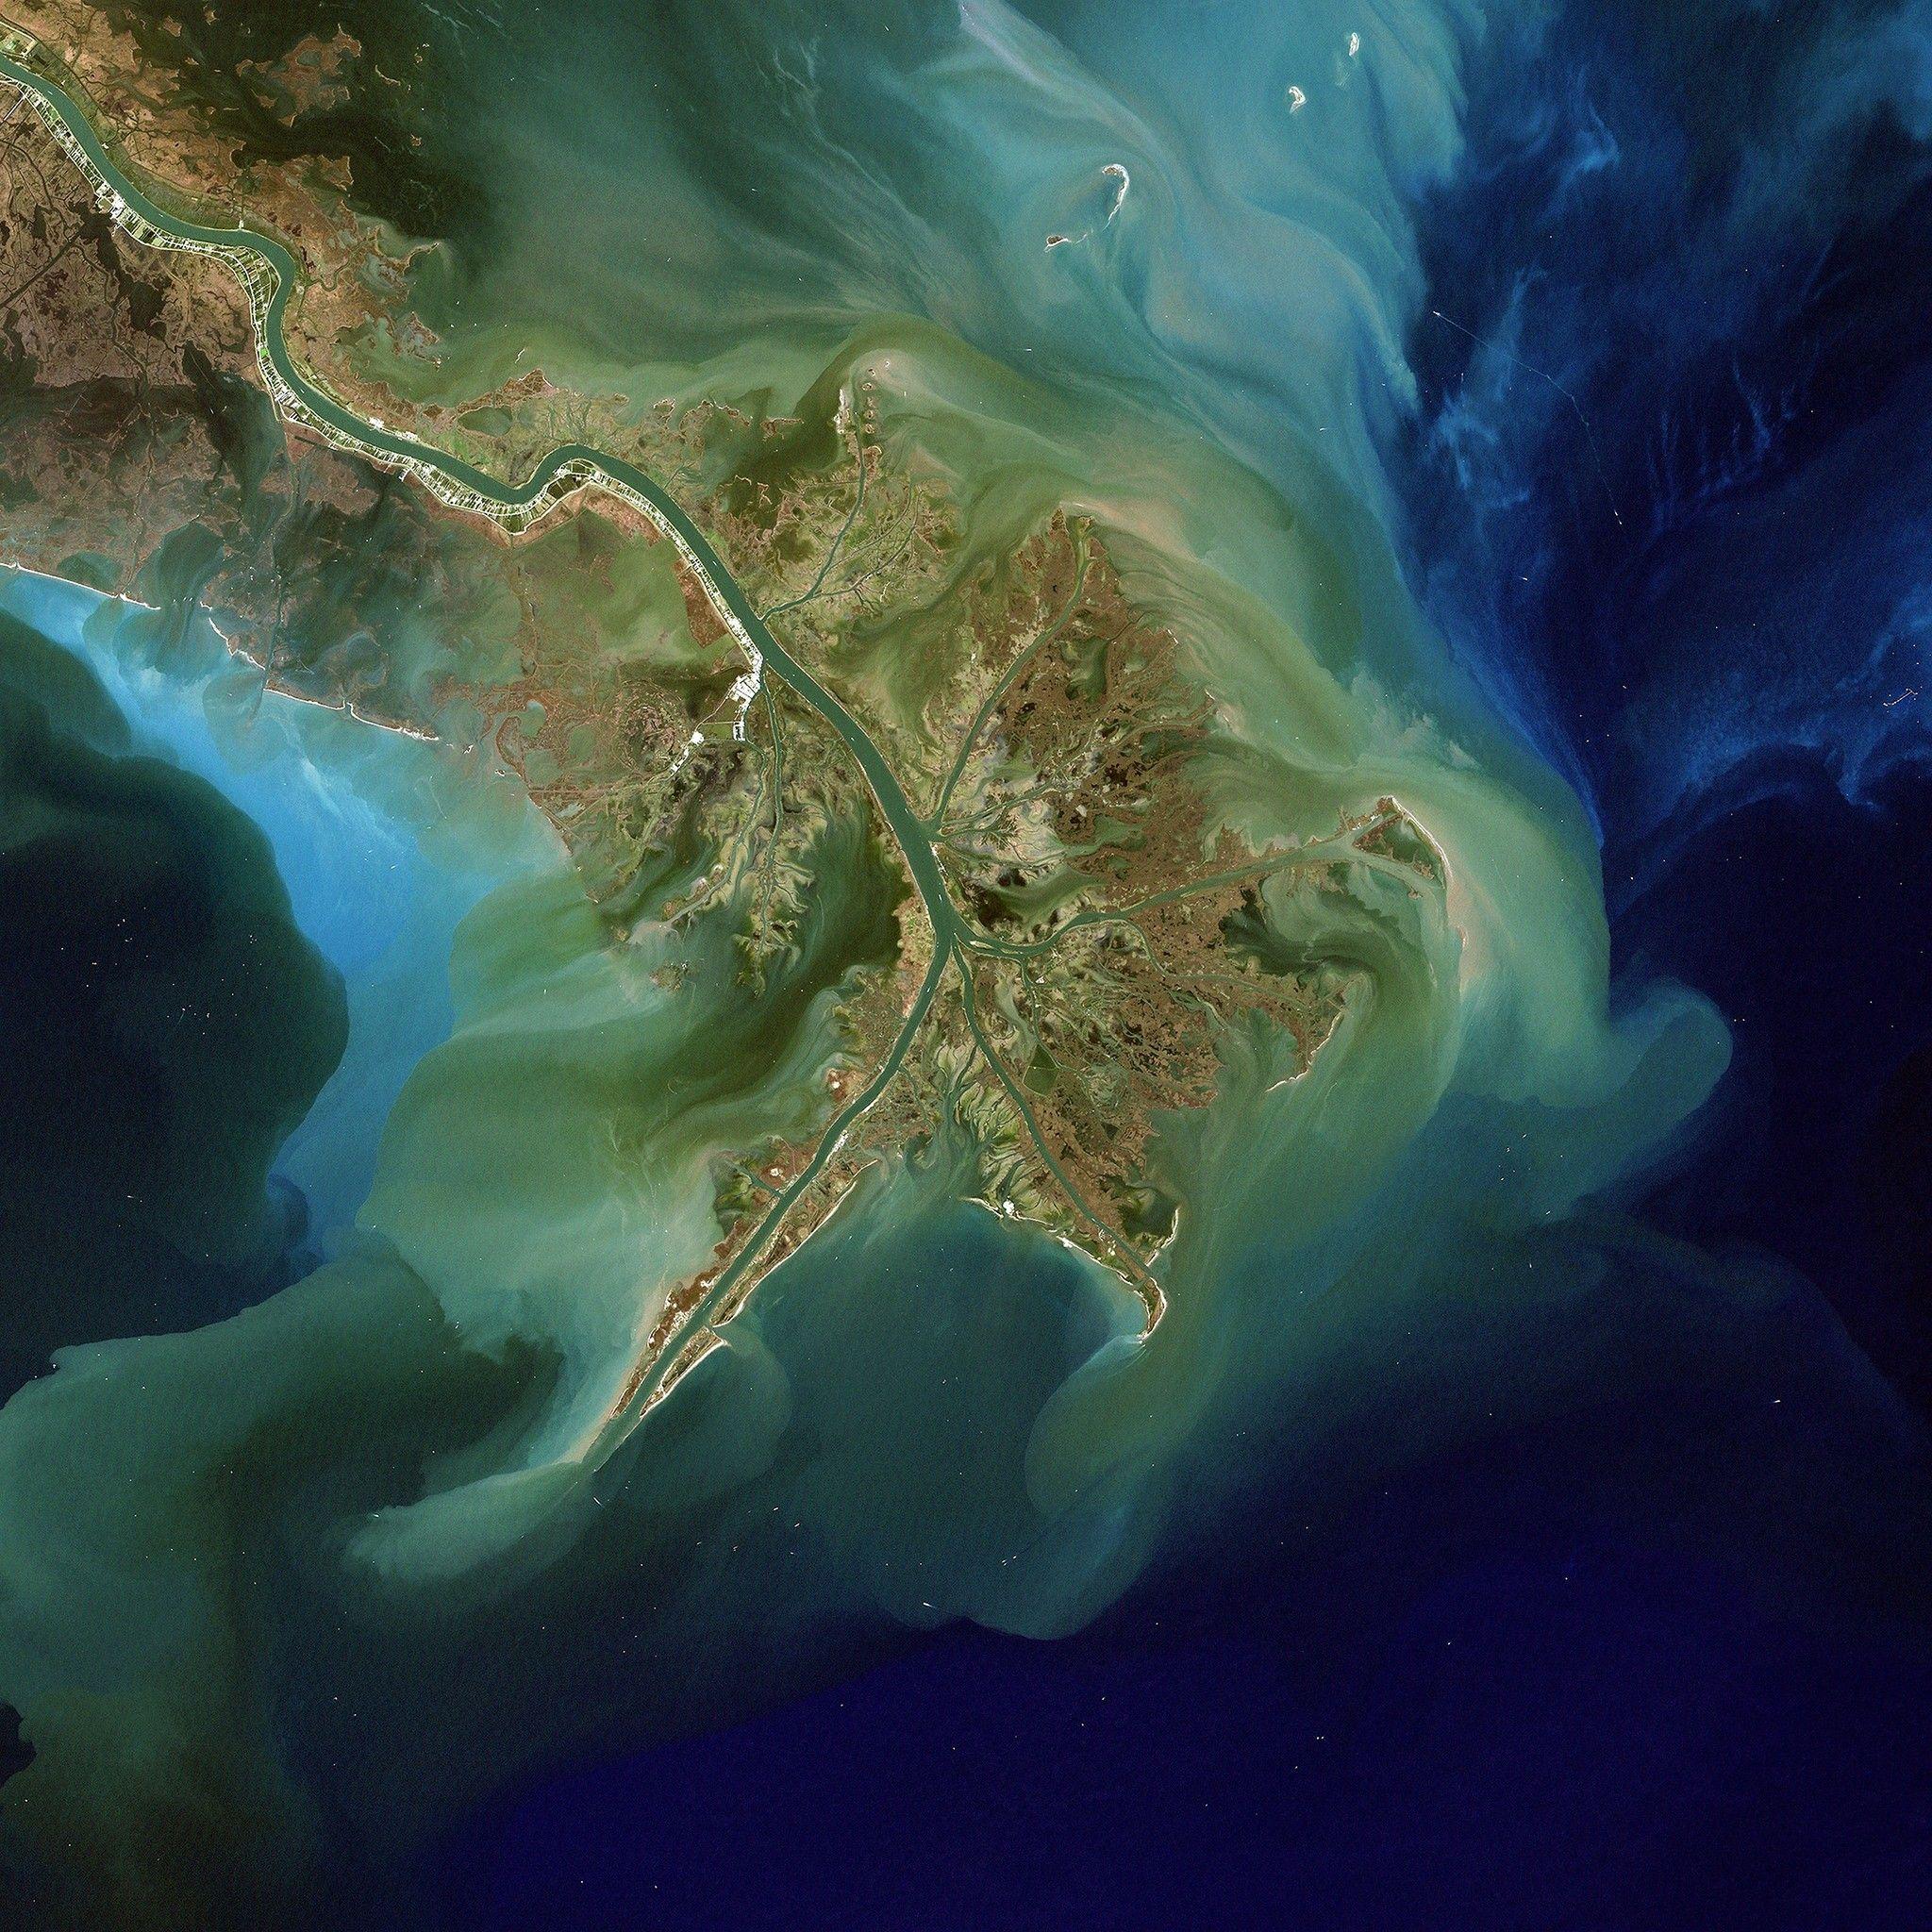 Le ruissellement des engrais crée la plus grande zone morte jamais observée aux États-Unis | National Geographic